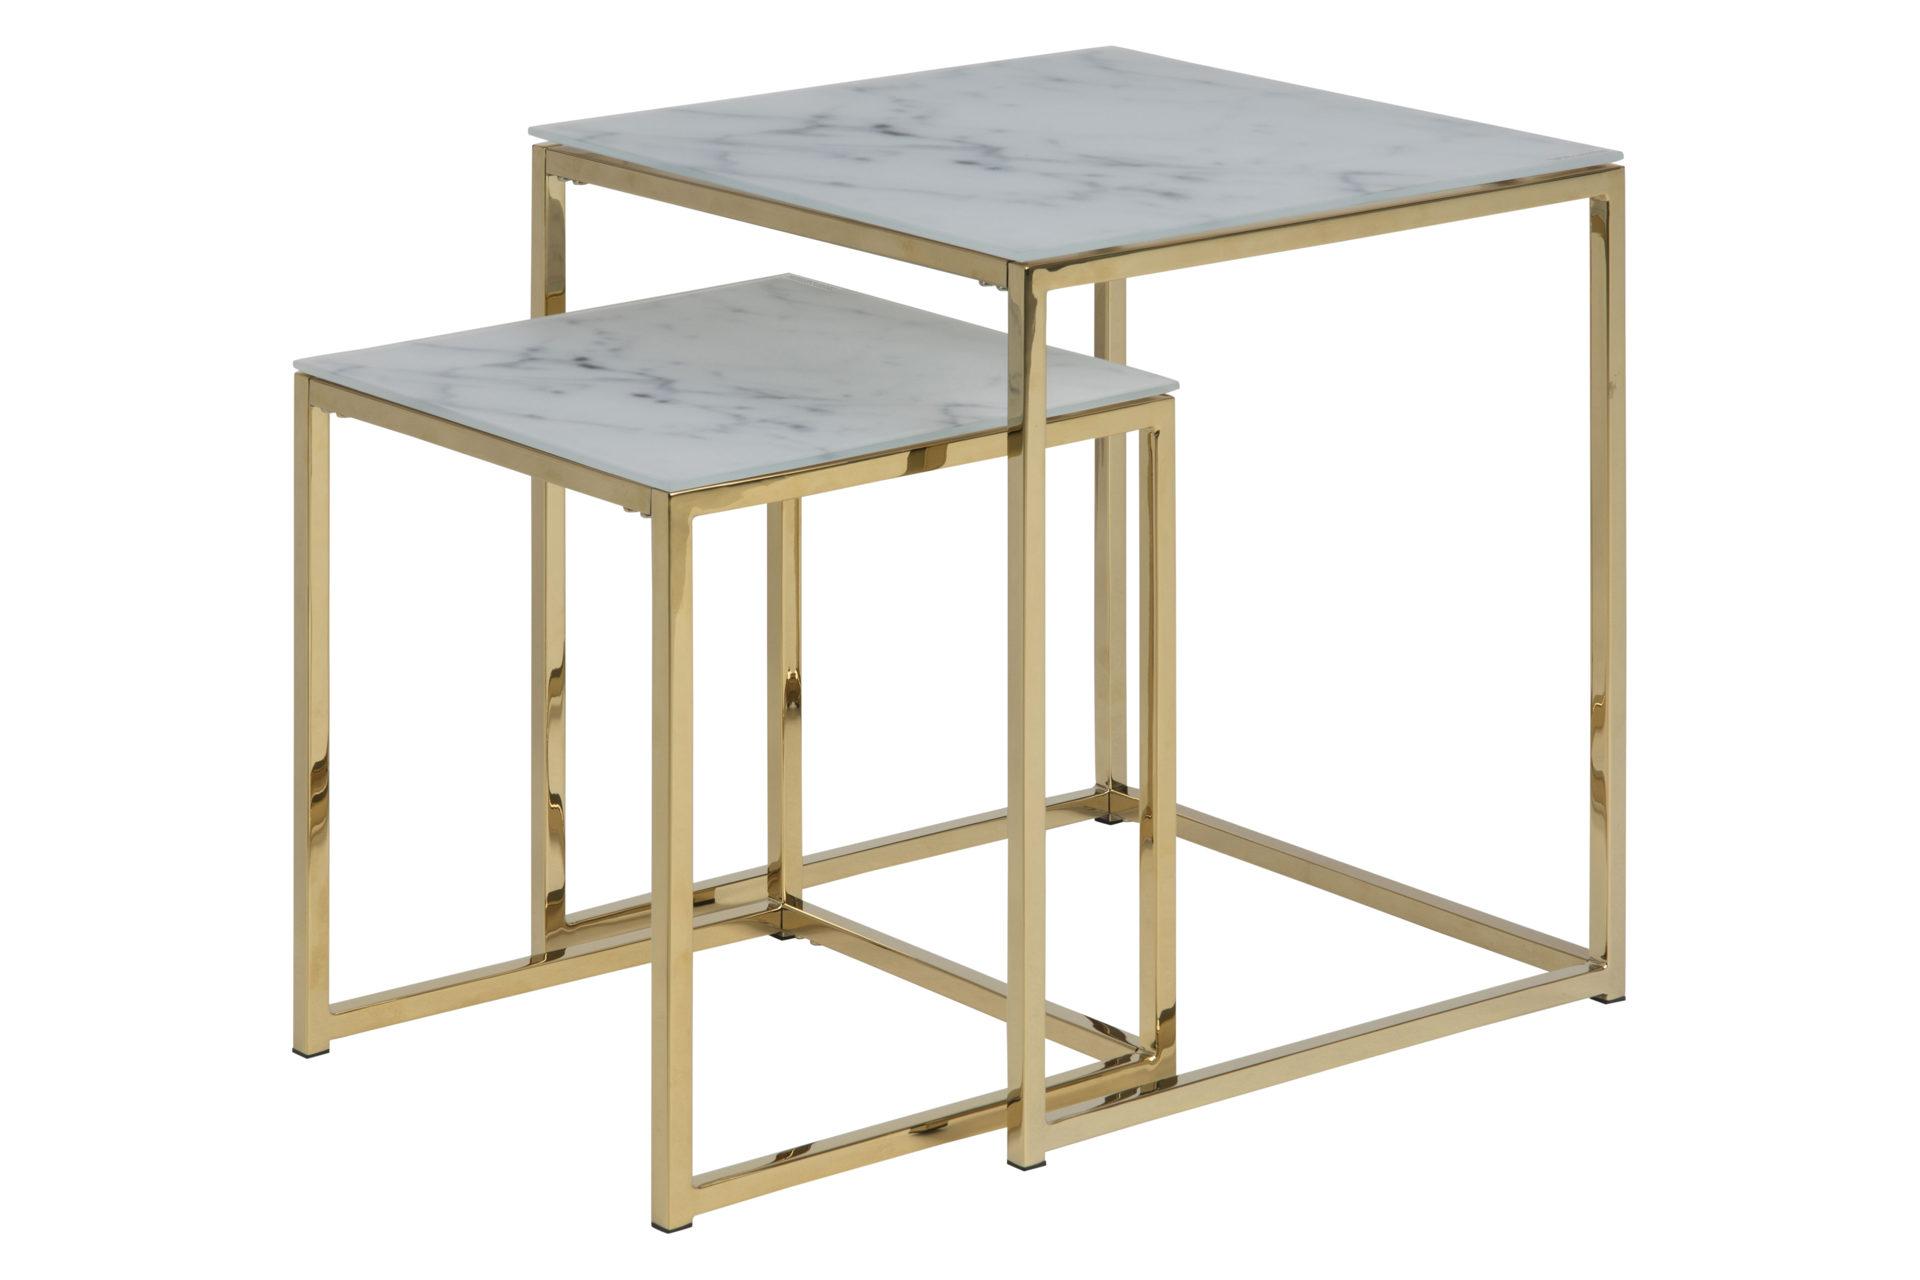 Zwei-Satz-Tisch bzw. Wohnzimmertisc...